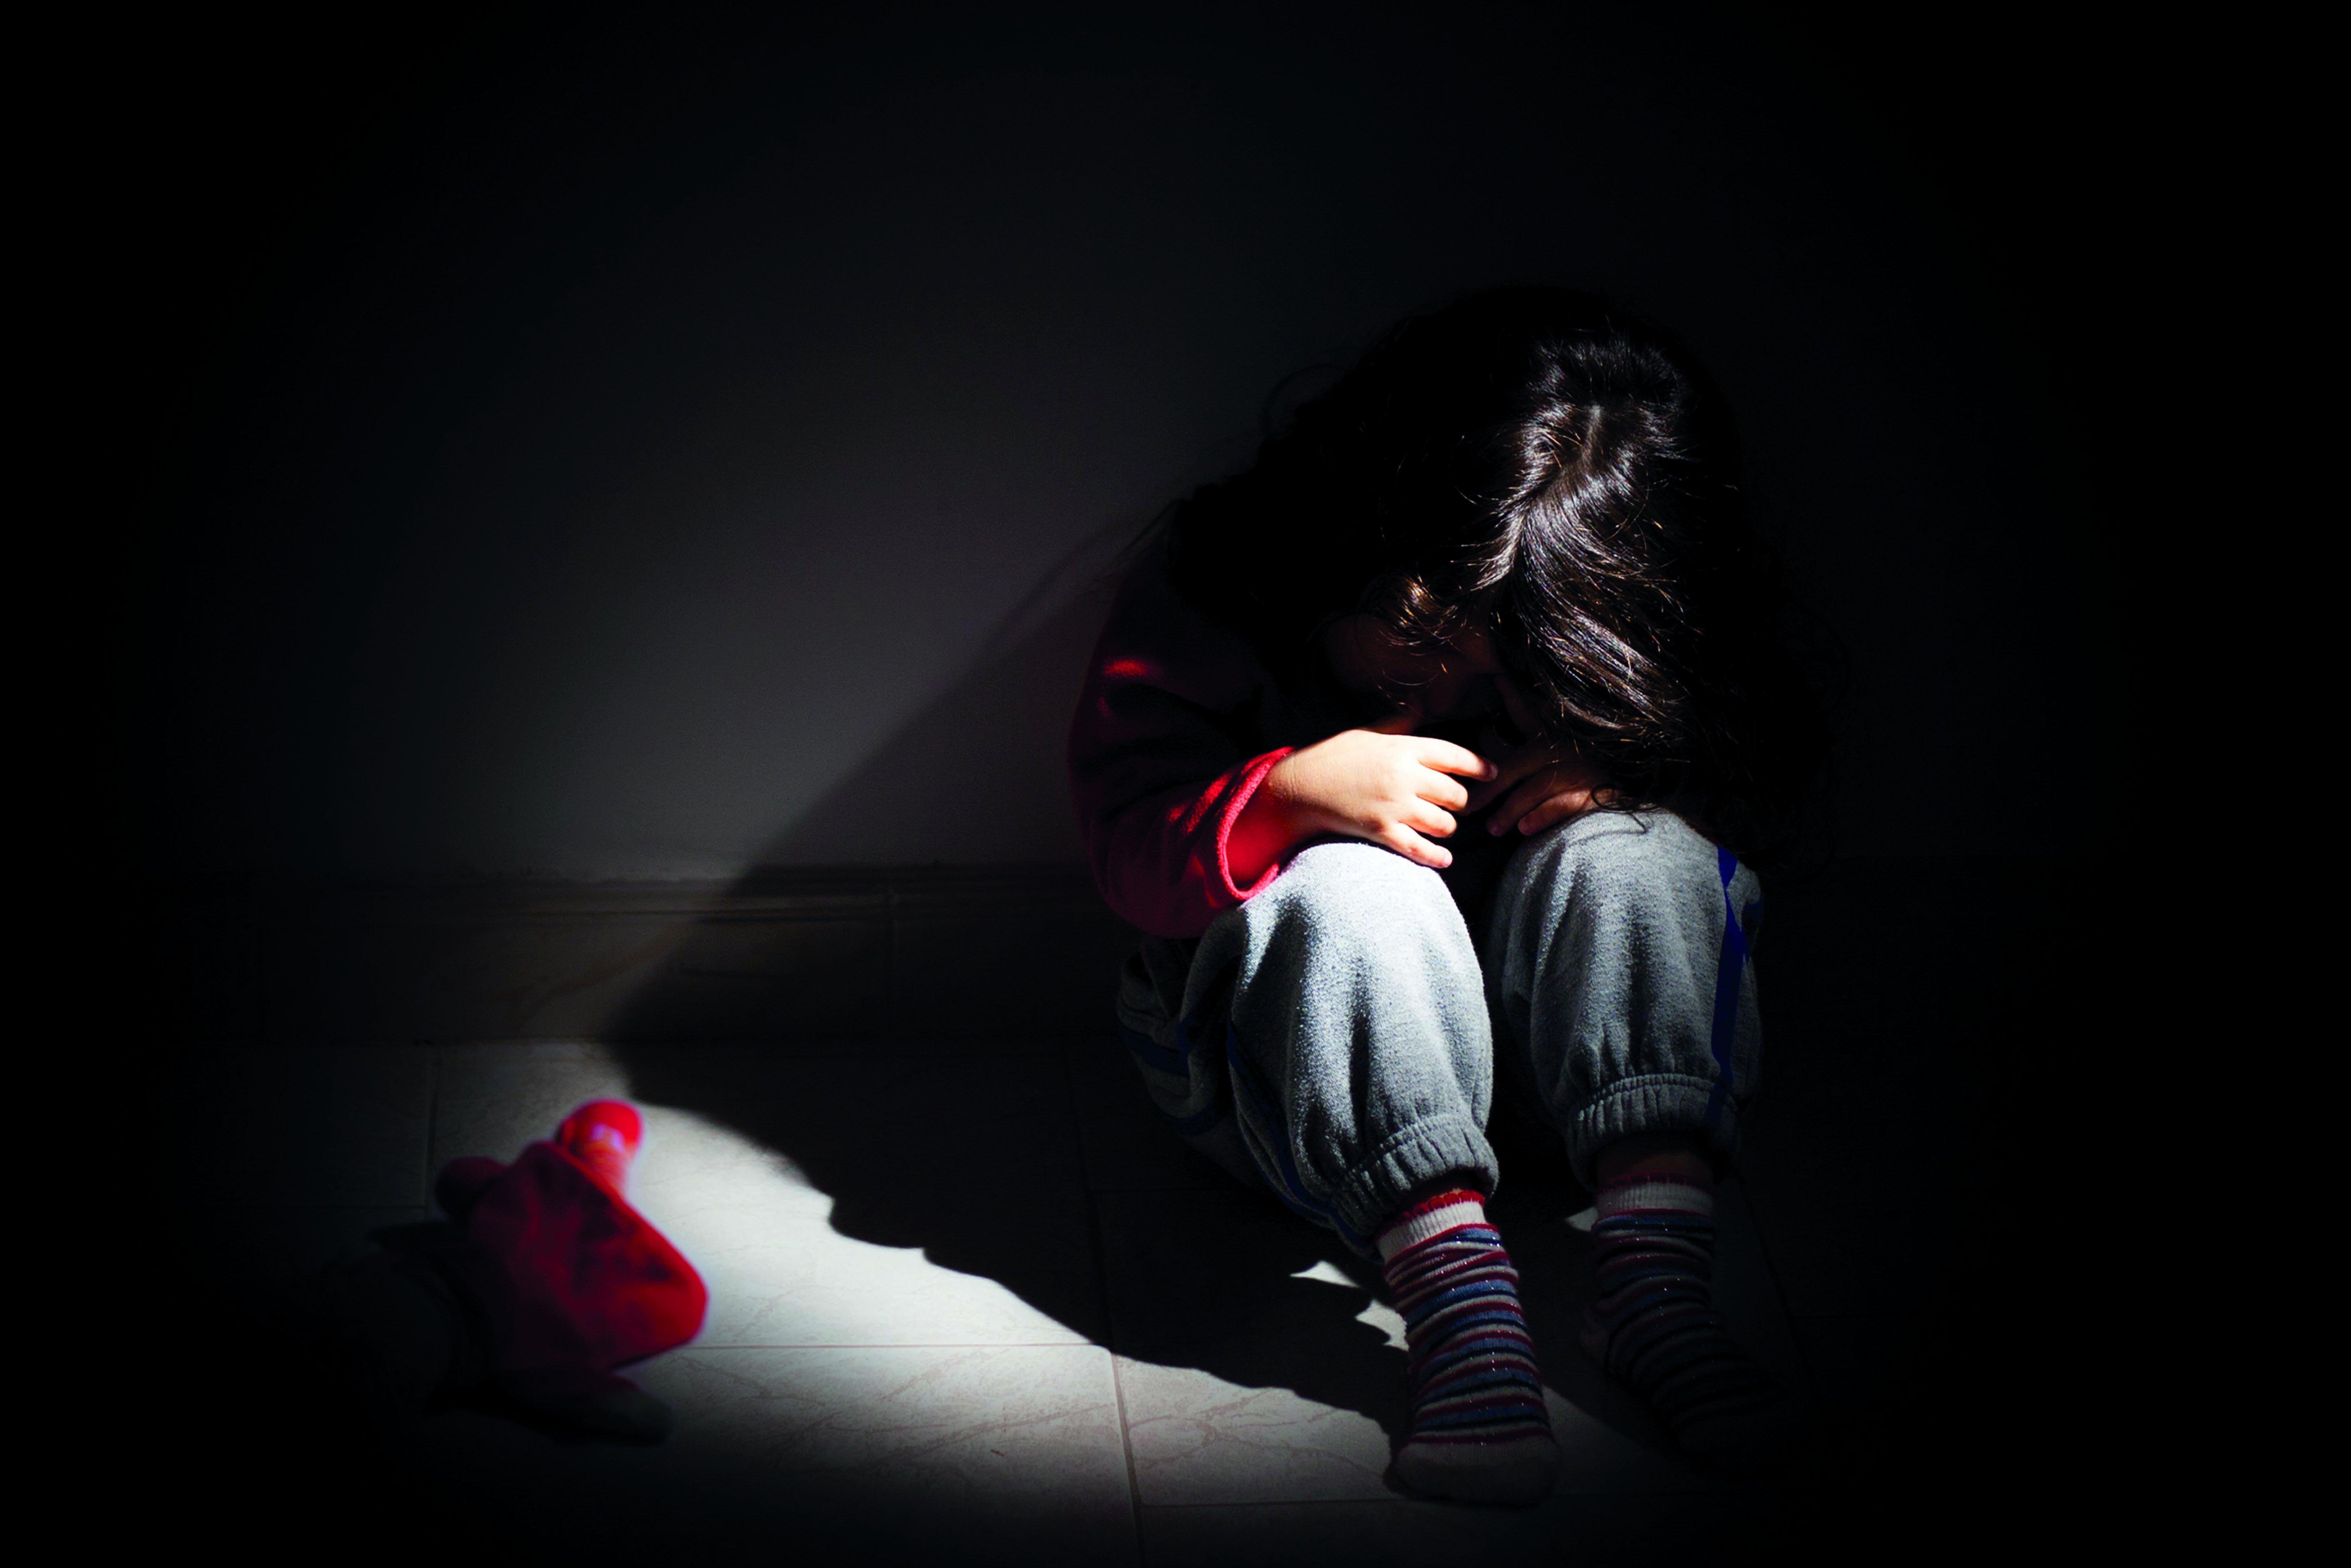 Crianças e adolescentes desprotegidos